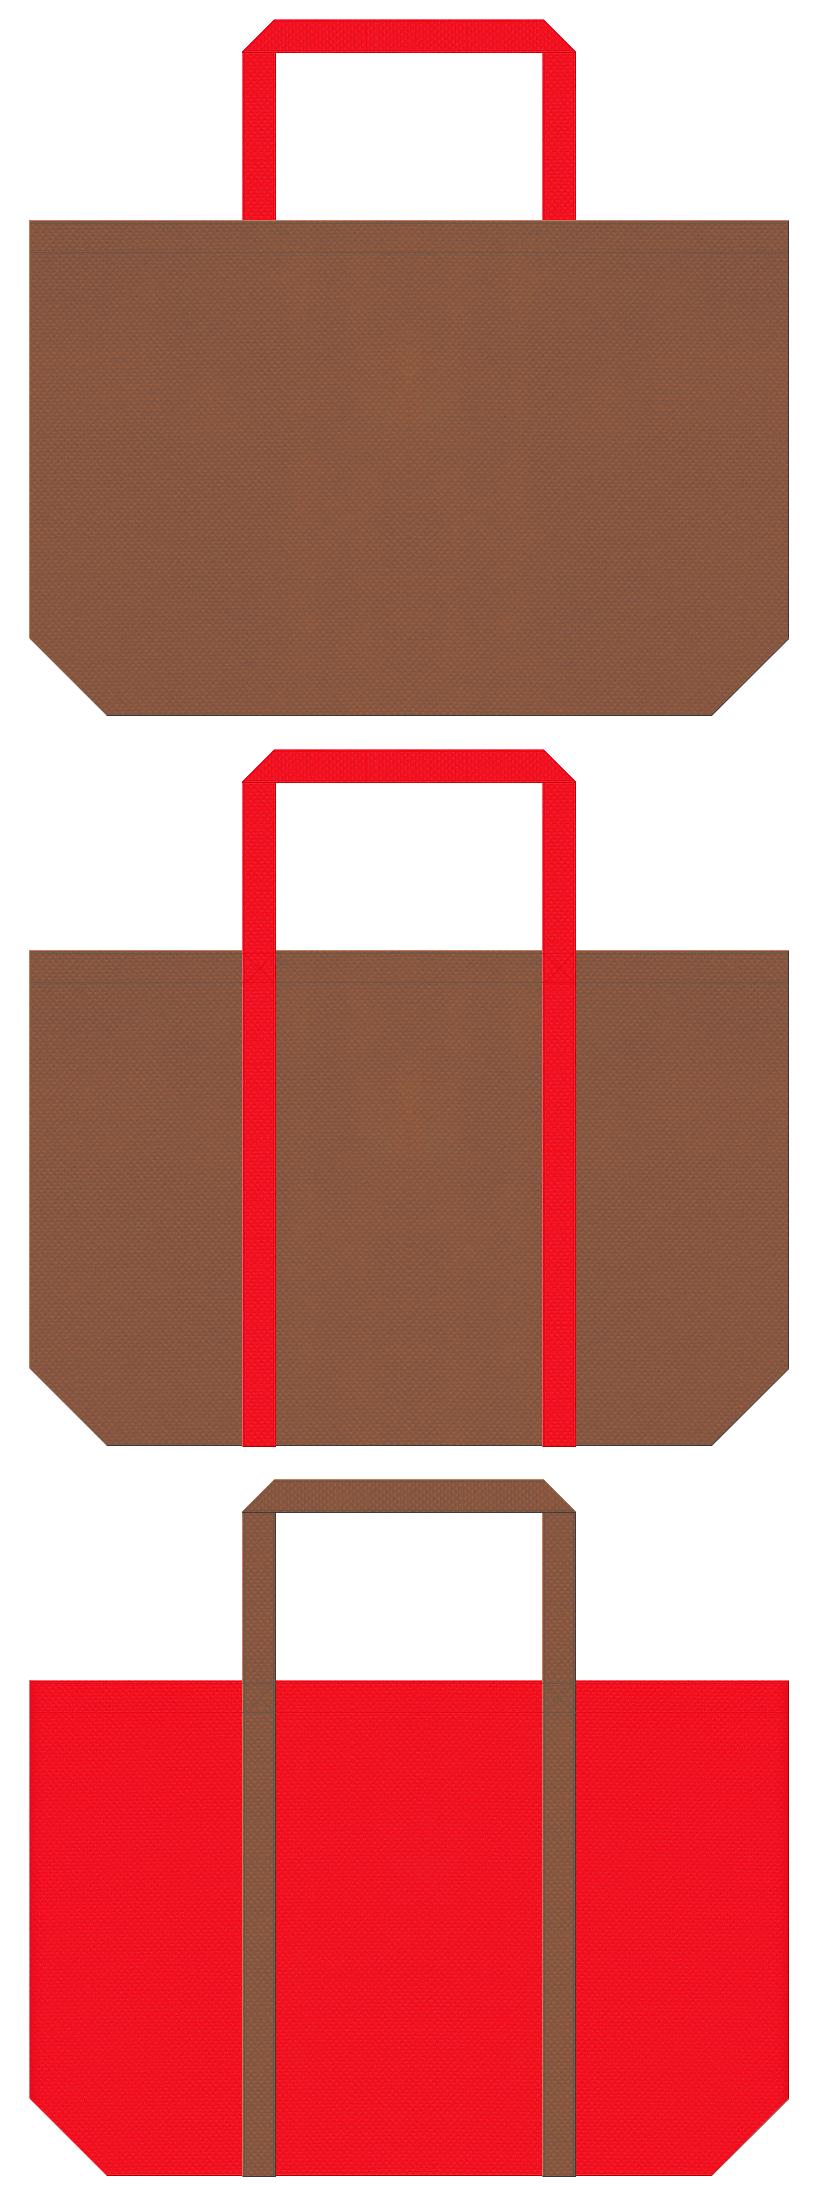 絵本・おとぎ話・暖炉・ストーブ・暖房器具・トナカイ・クリスマスのショッピングバッグにお奨めの不織布バッグデザイン:茶色と赤色のコーデ